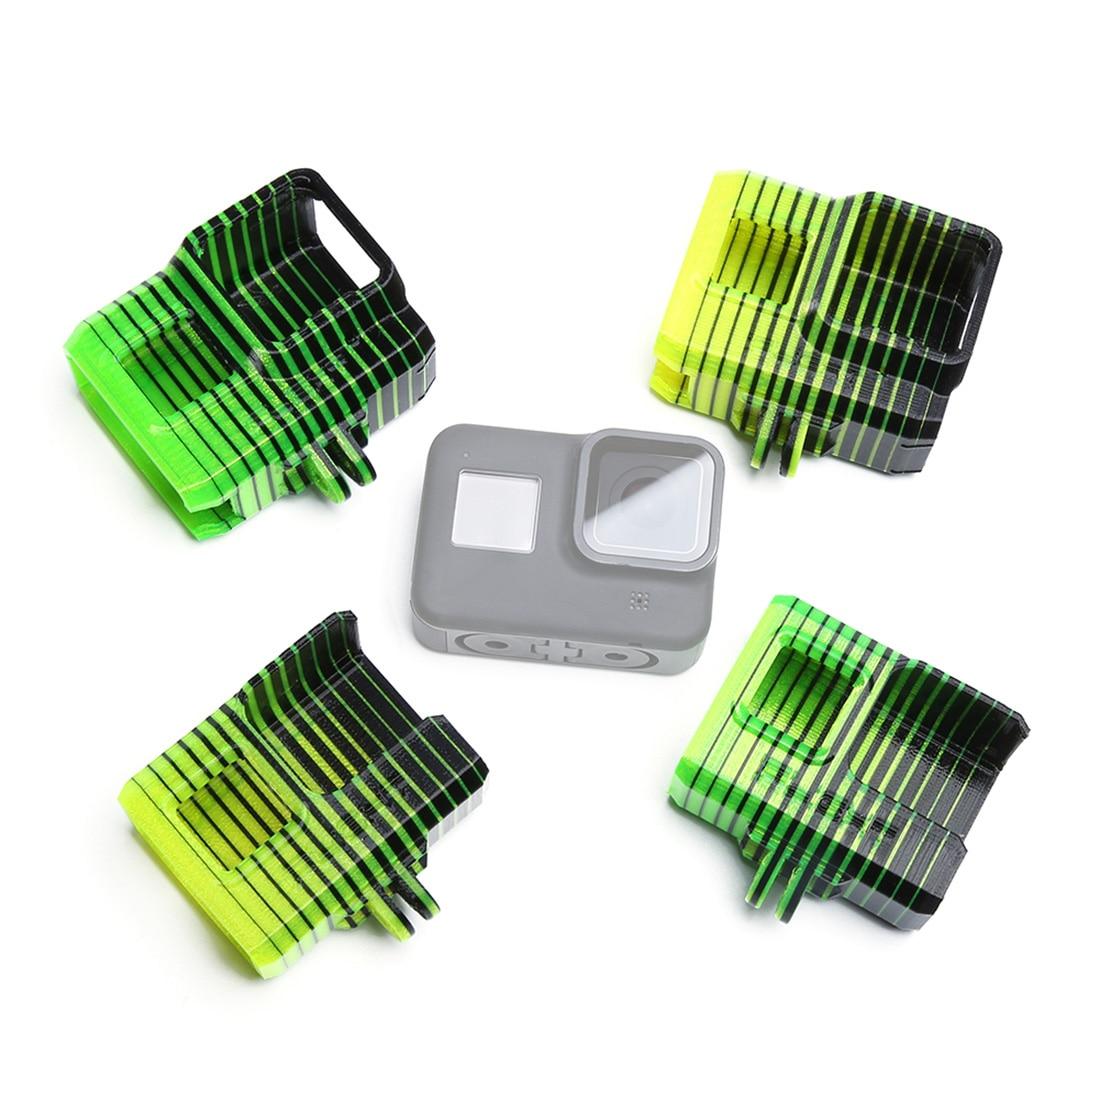 IFlight adaptateur de montage GoPro réglable en TPU 0-60 degrés pour Gopro Hero 5/6/7 pour les pièces de bourdon frelon vert/Nazgul5 XL5